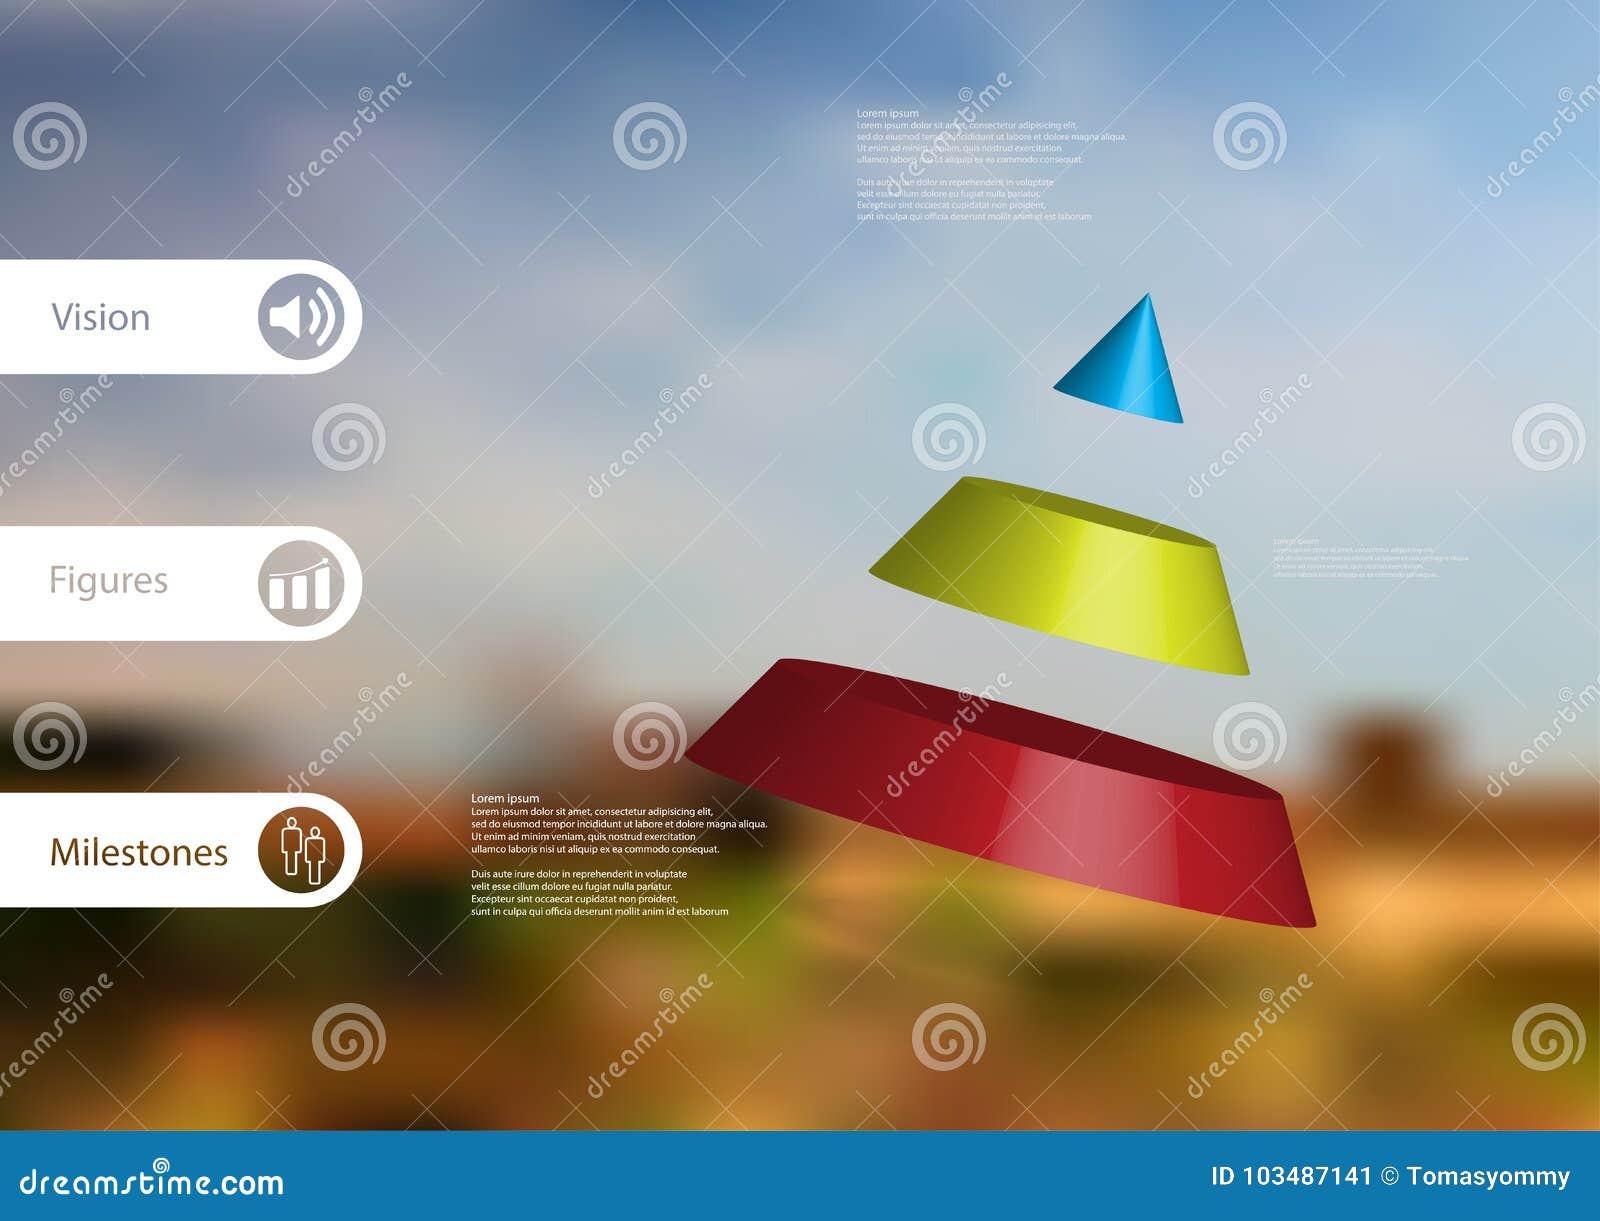 Molde infographic da ilustração 3D com o cone dividido a três porções oblíquo arranjado